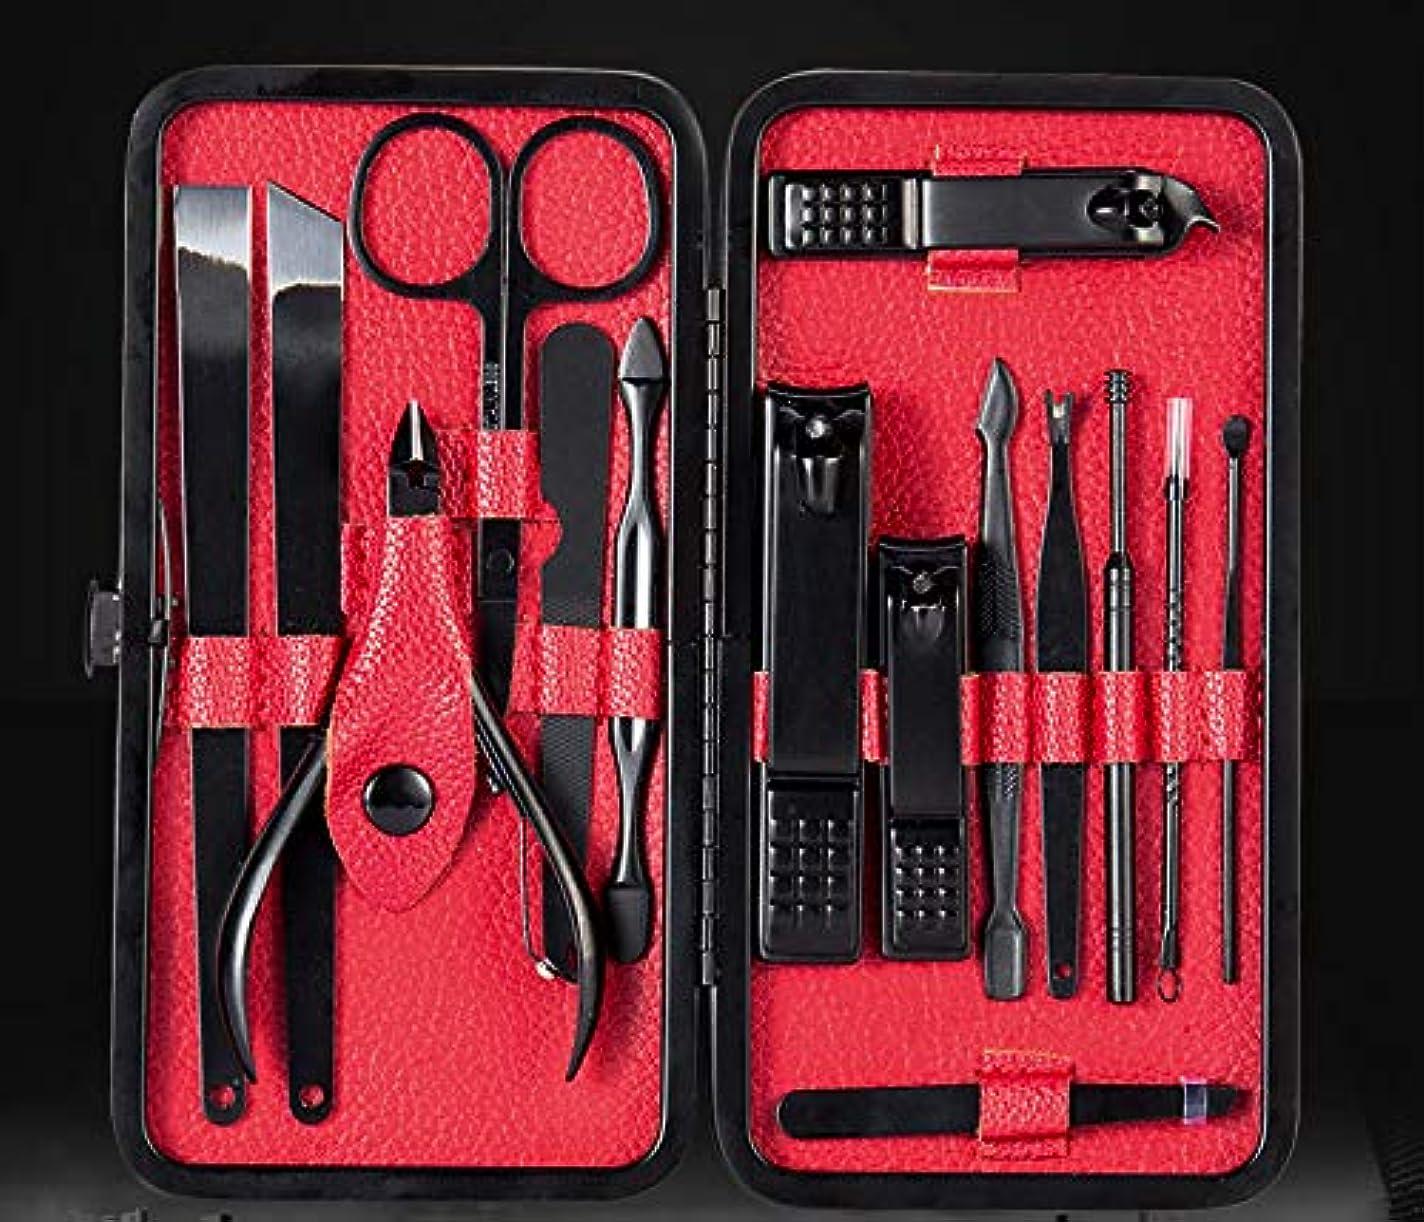 尋ねる消防士シェーバー15本のネイルツールセットの美容セットマニキュアナイフ用に設定されたステンレス鋼ネイルハサミはカスタマイズ可能